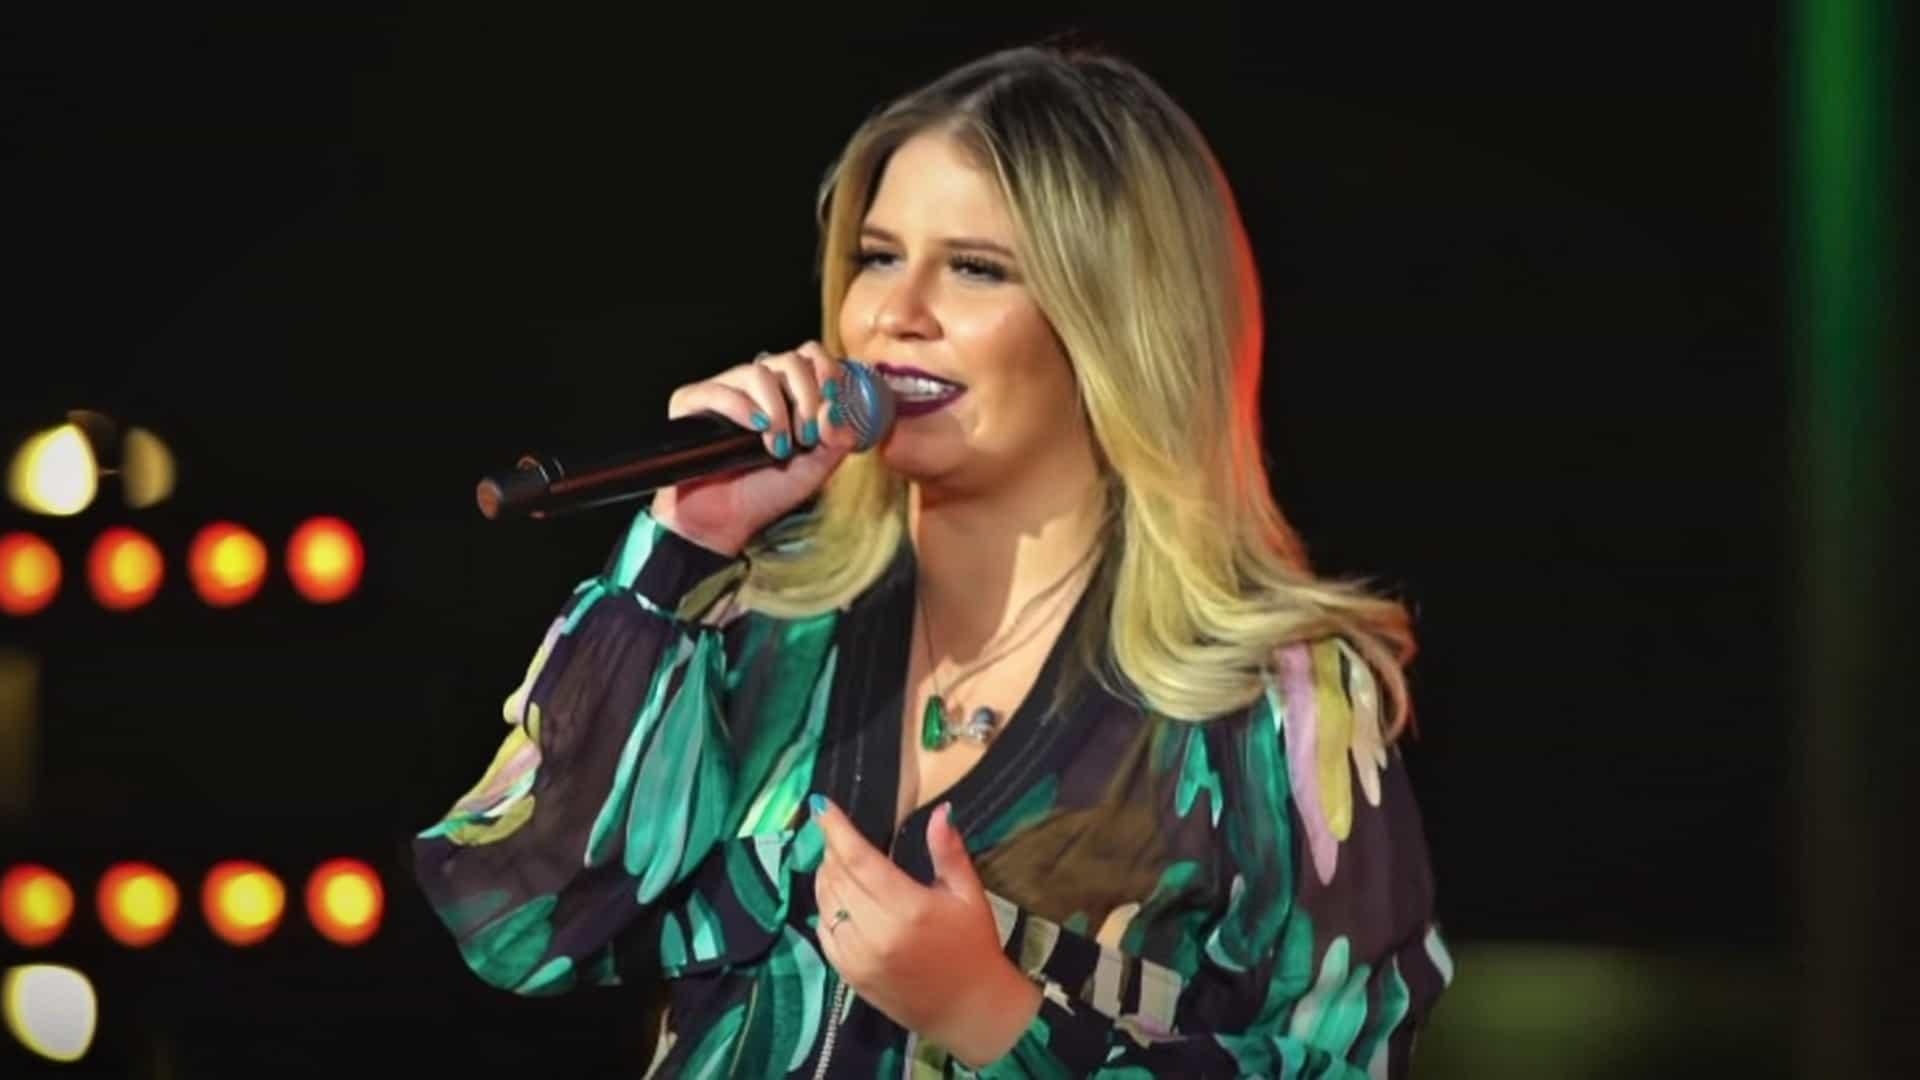 naom 5b9b8847e47ea - Show de Marília Mendonça é interrompido por arrastão em Belo Horizonte